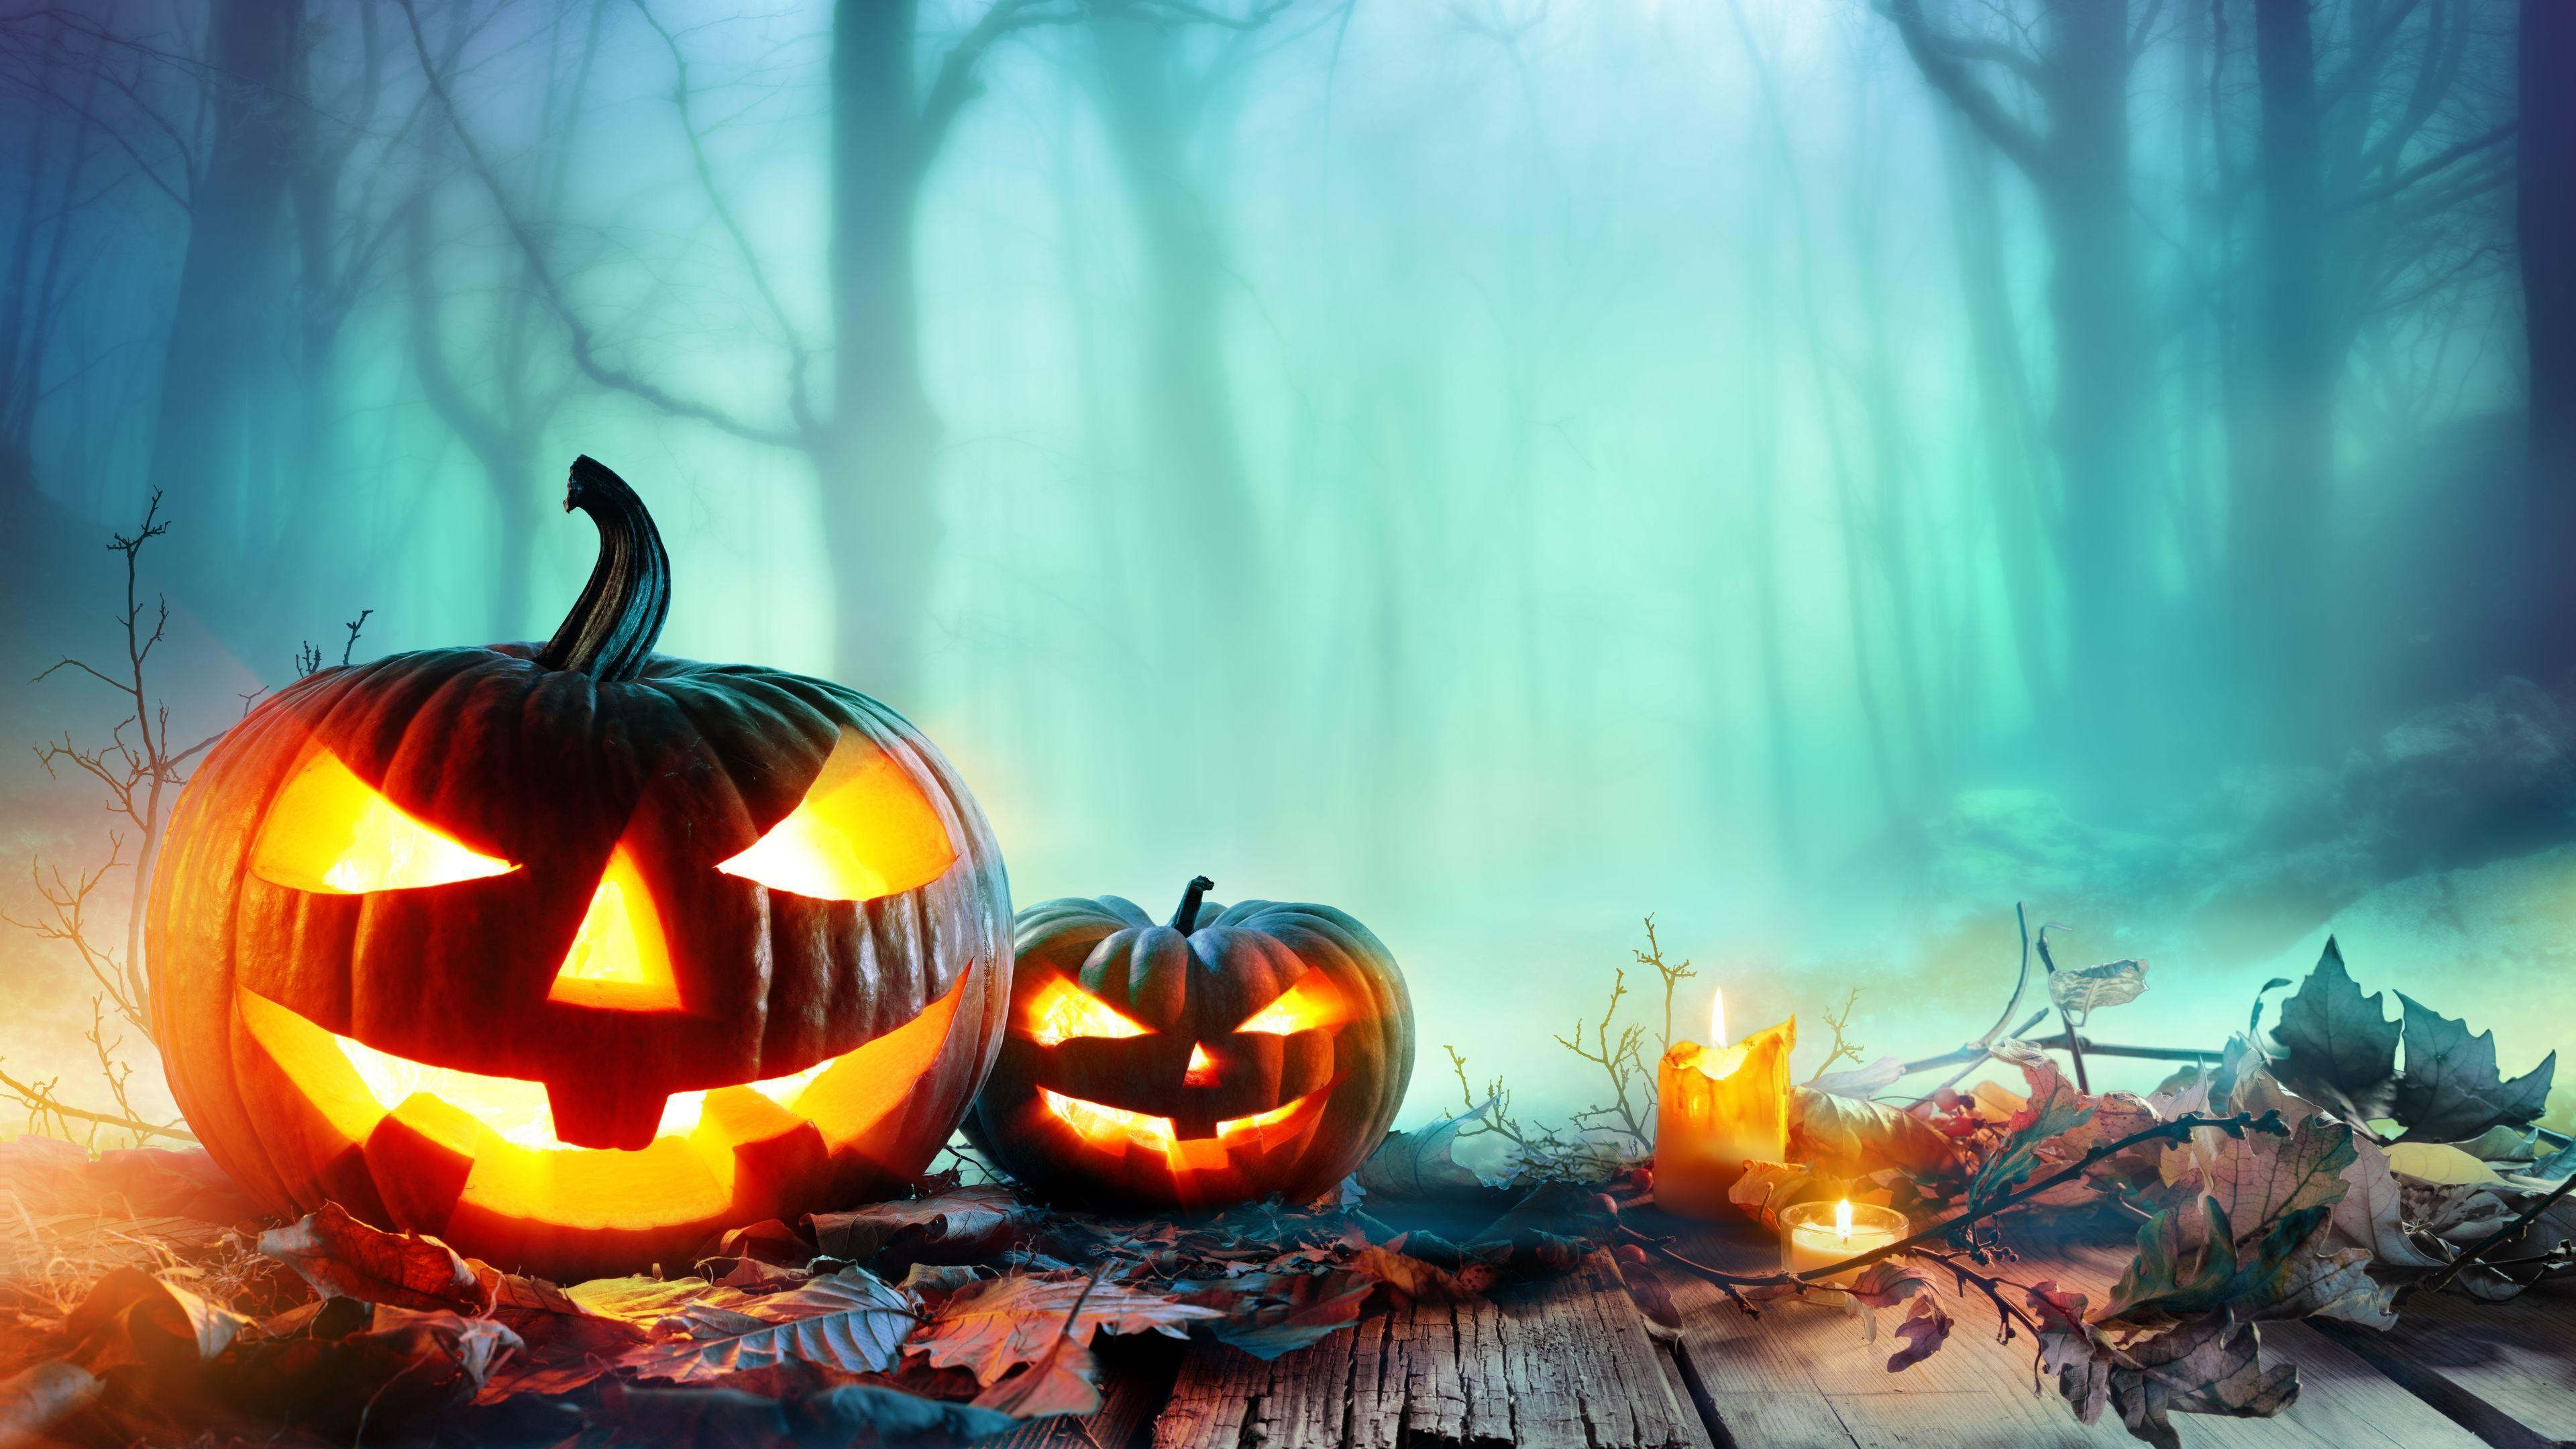 Halloween Images Hd.Halloween Hd 4k Wallpapers Wallpaper Cave